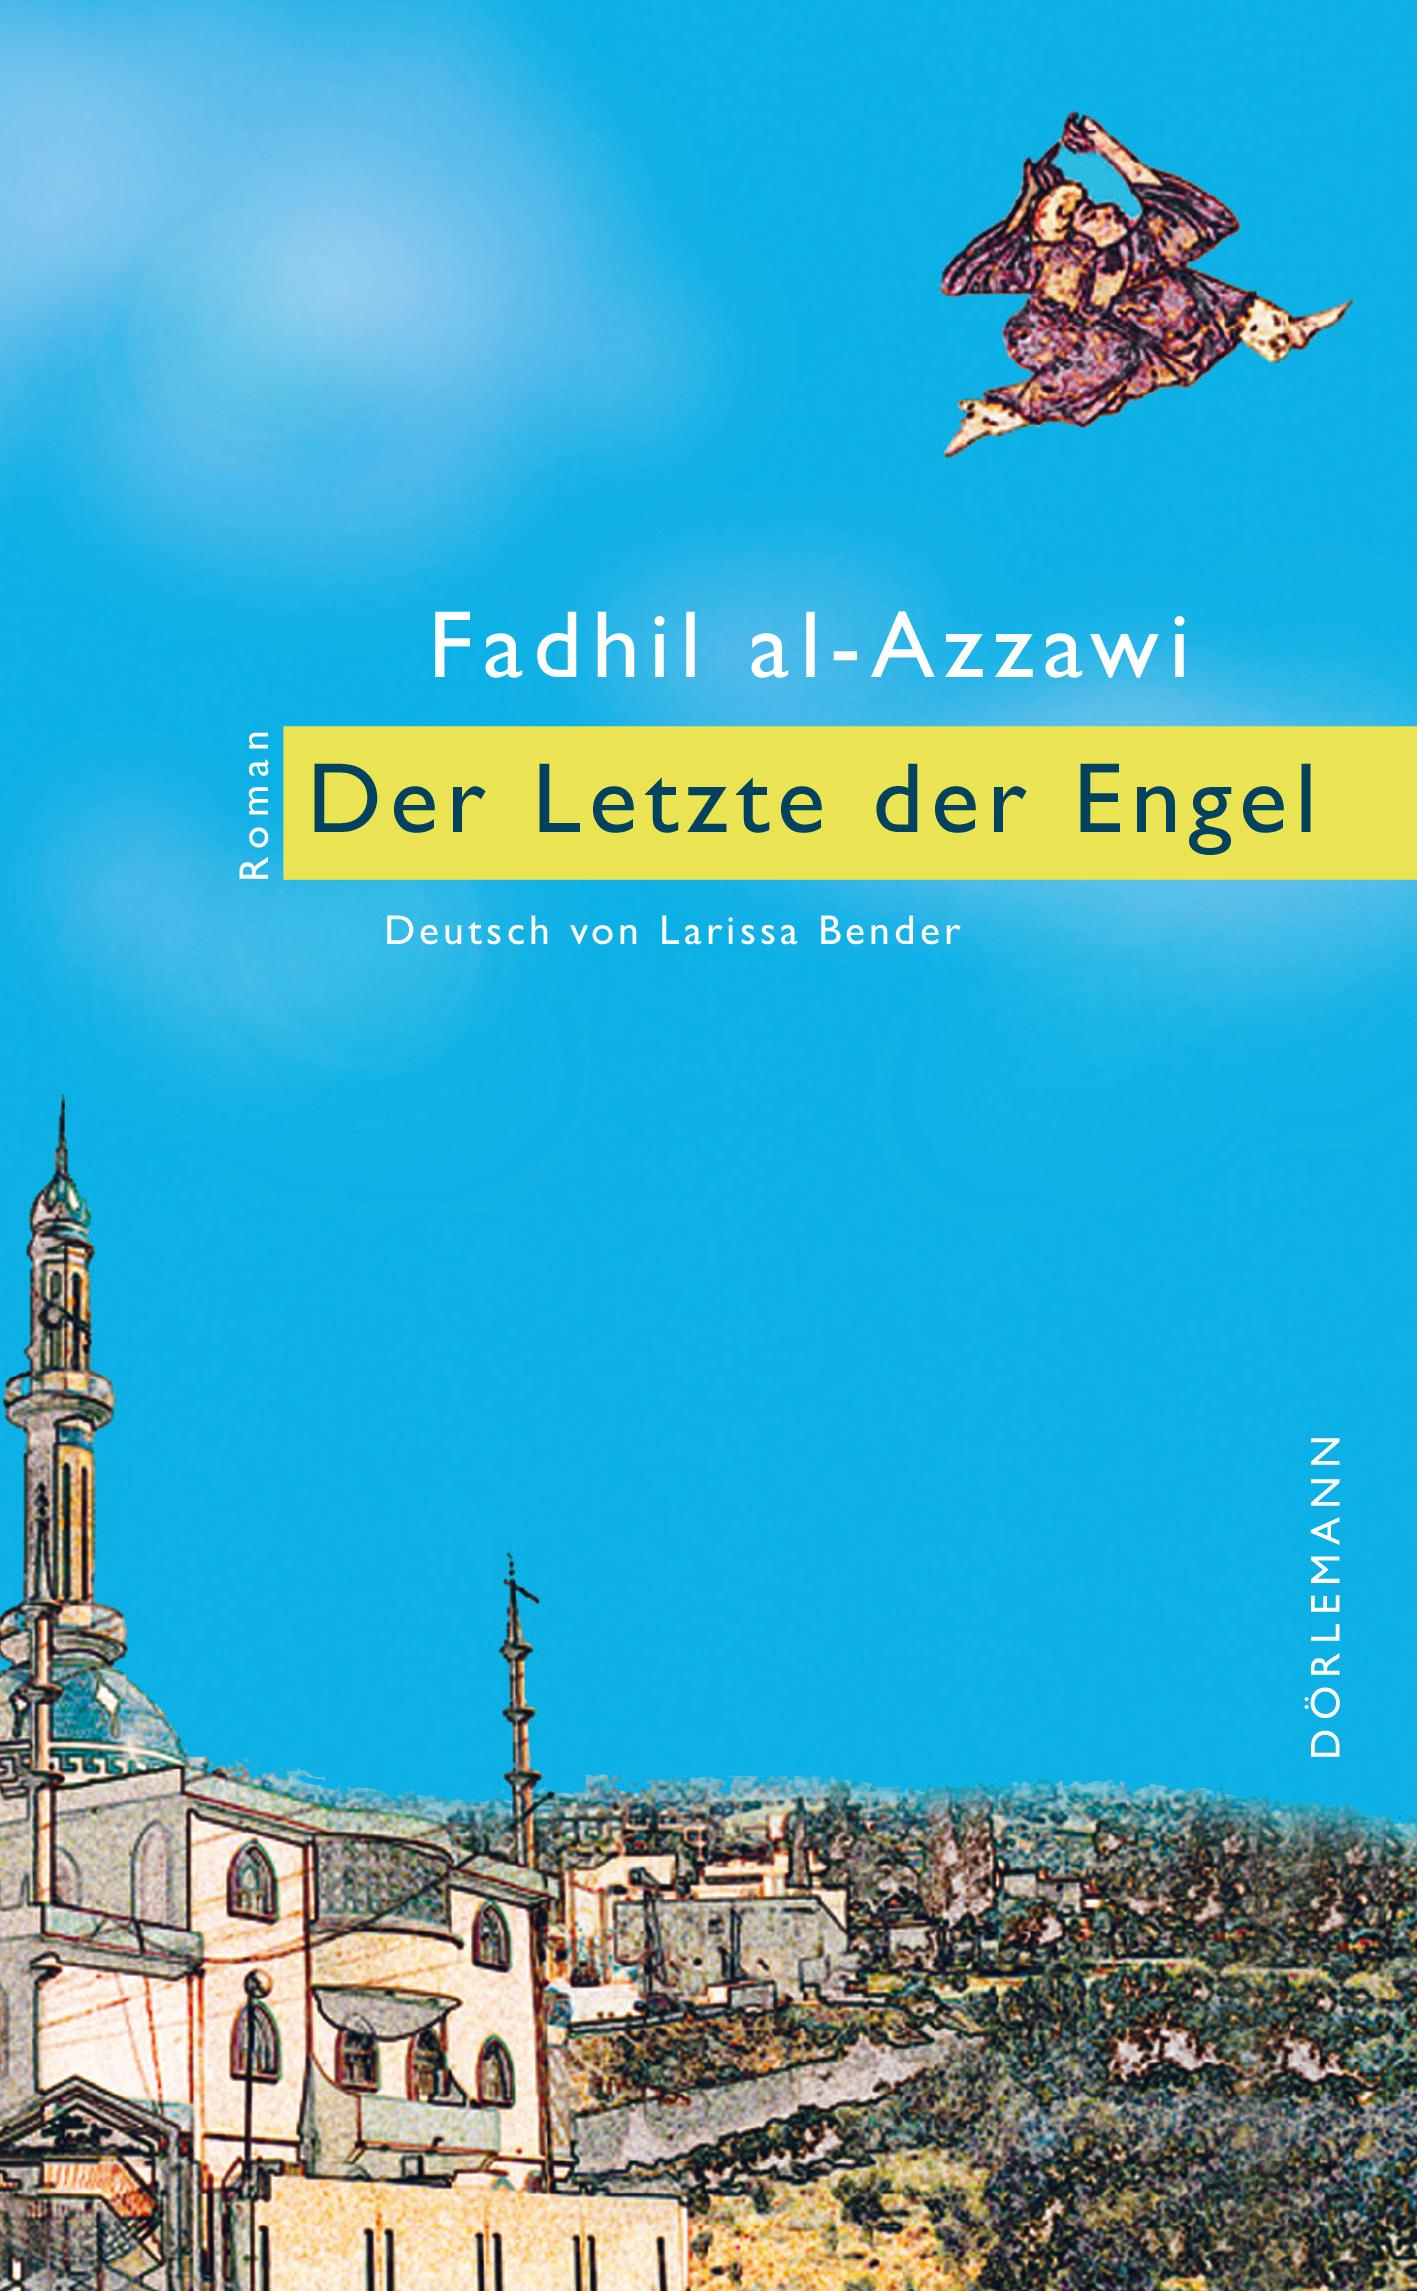 Fadhil al-Azzawi Der Letzte der Engel robert brown der letzte atemzug